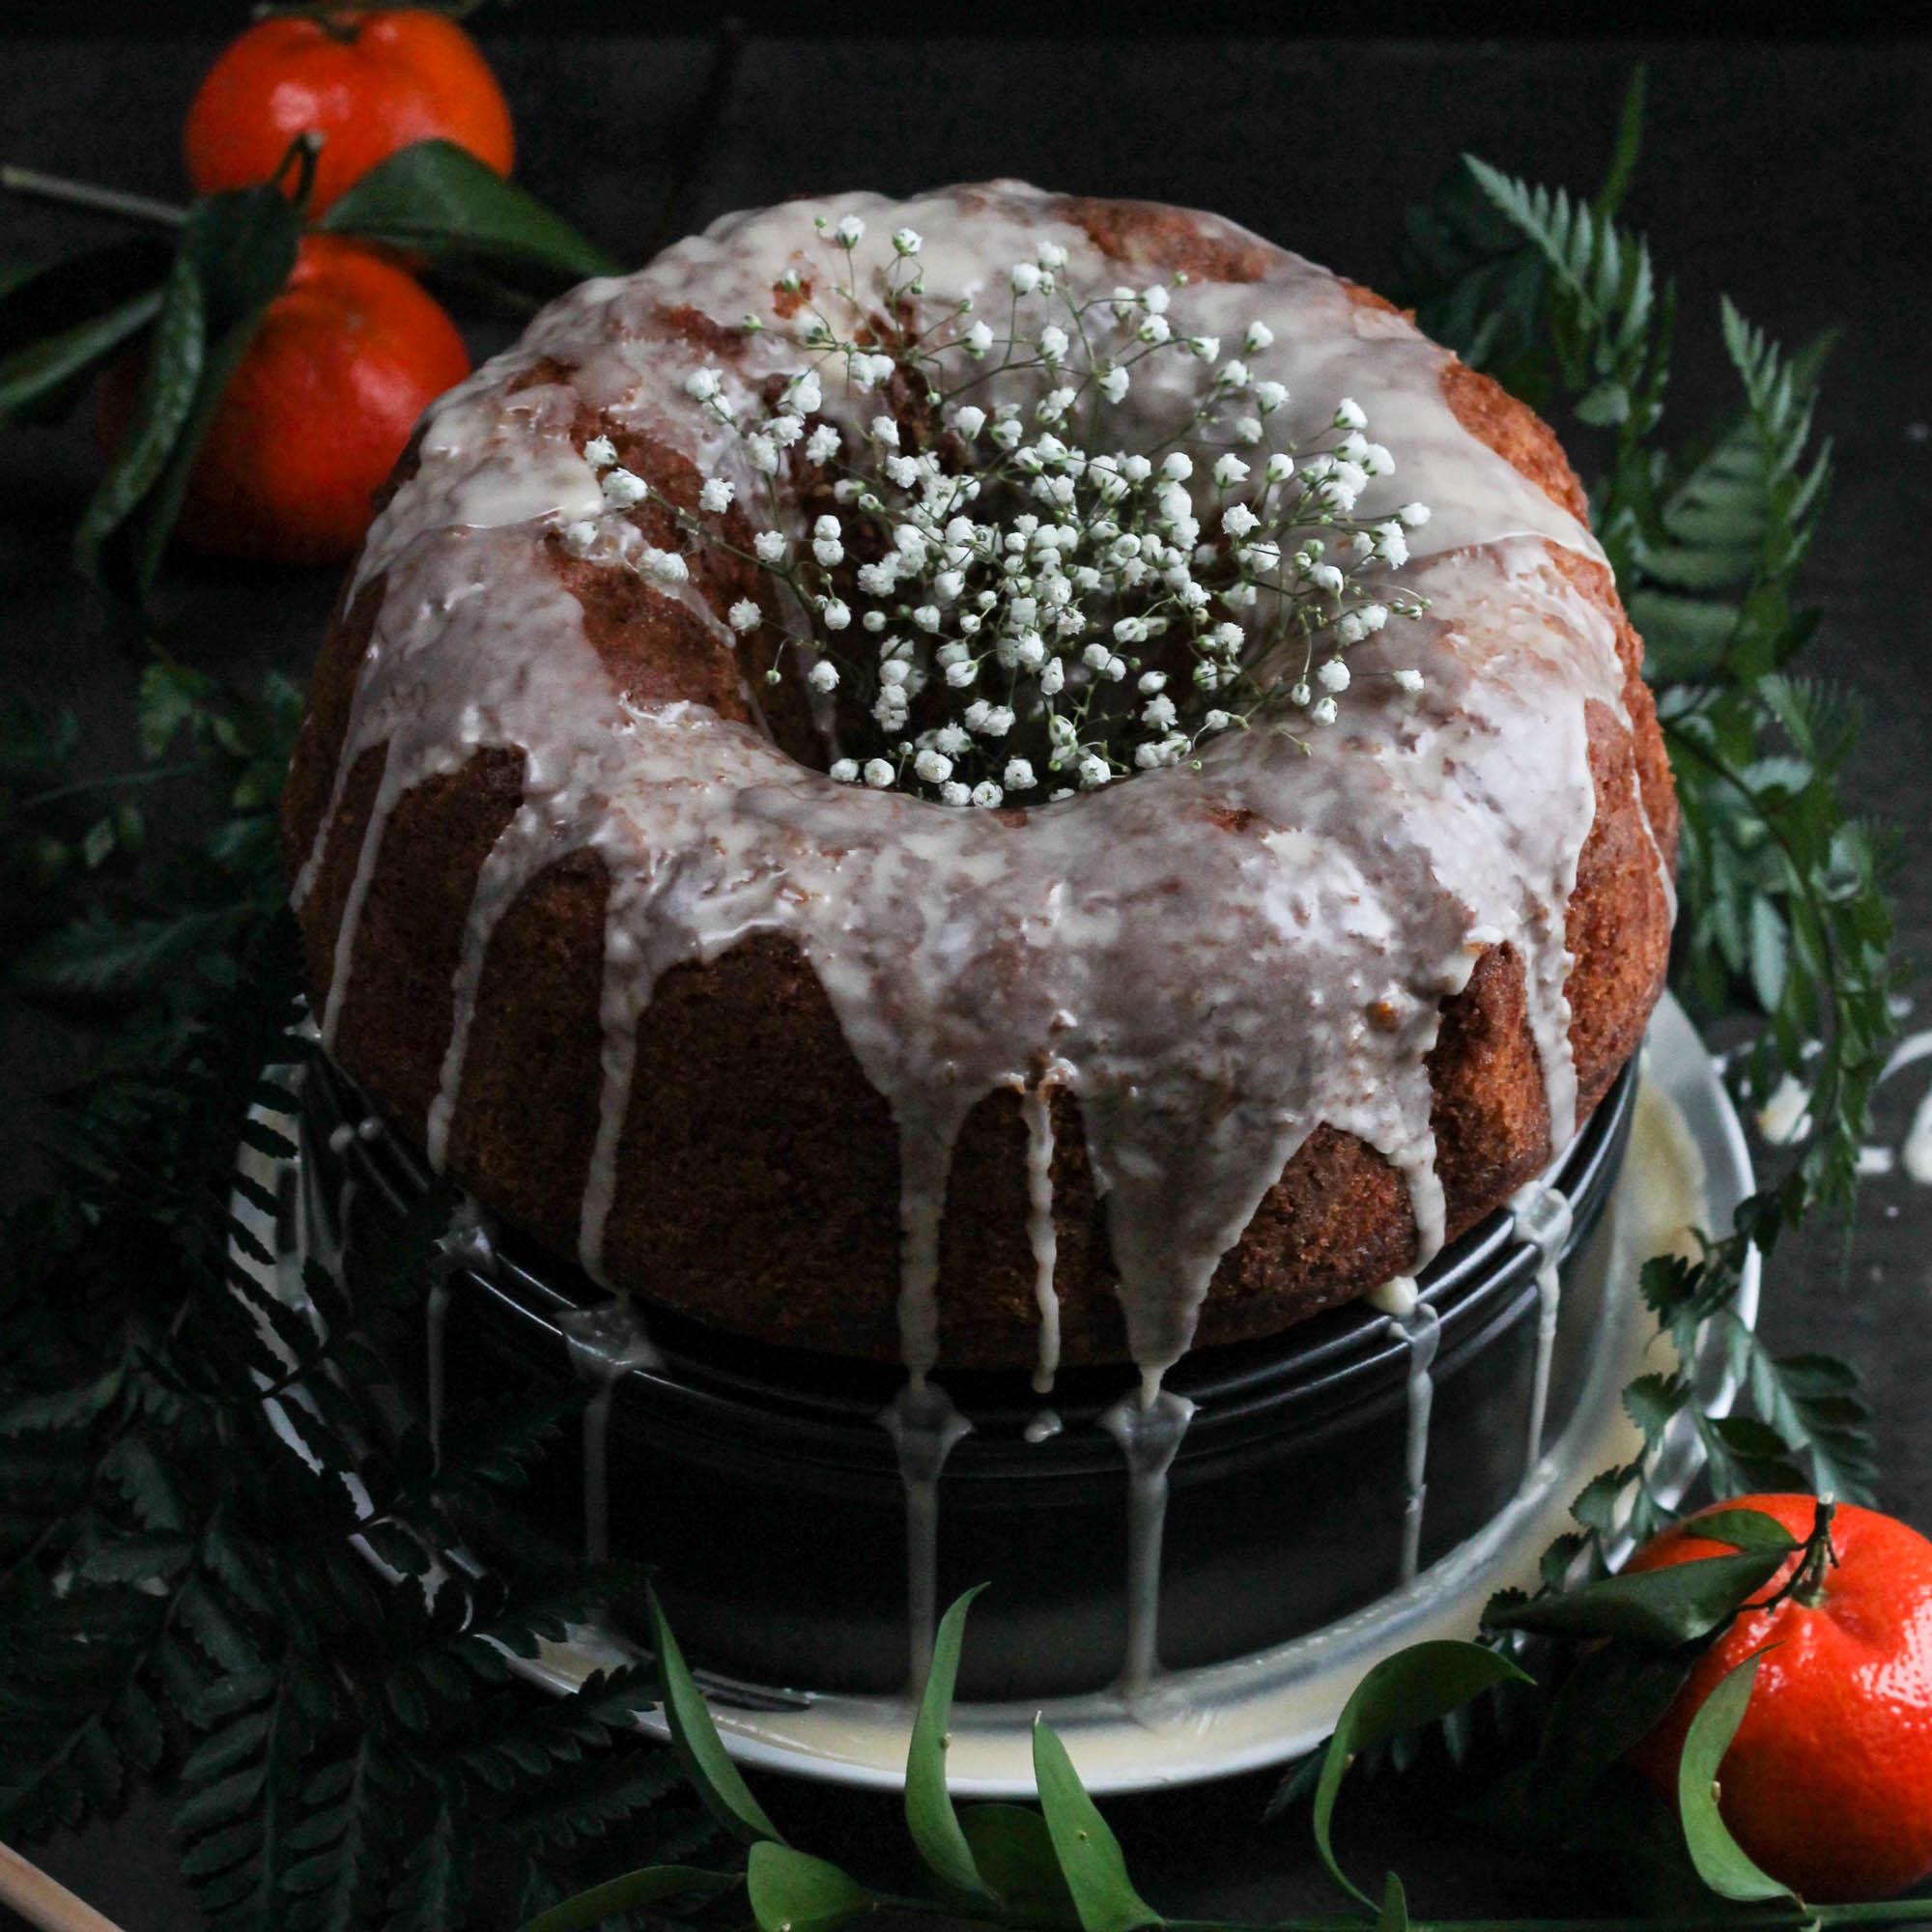 TANGERINE OLIVE OIL BUNDT CAKE